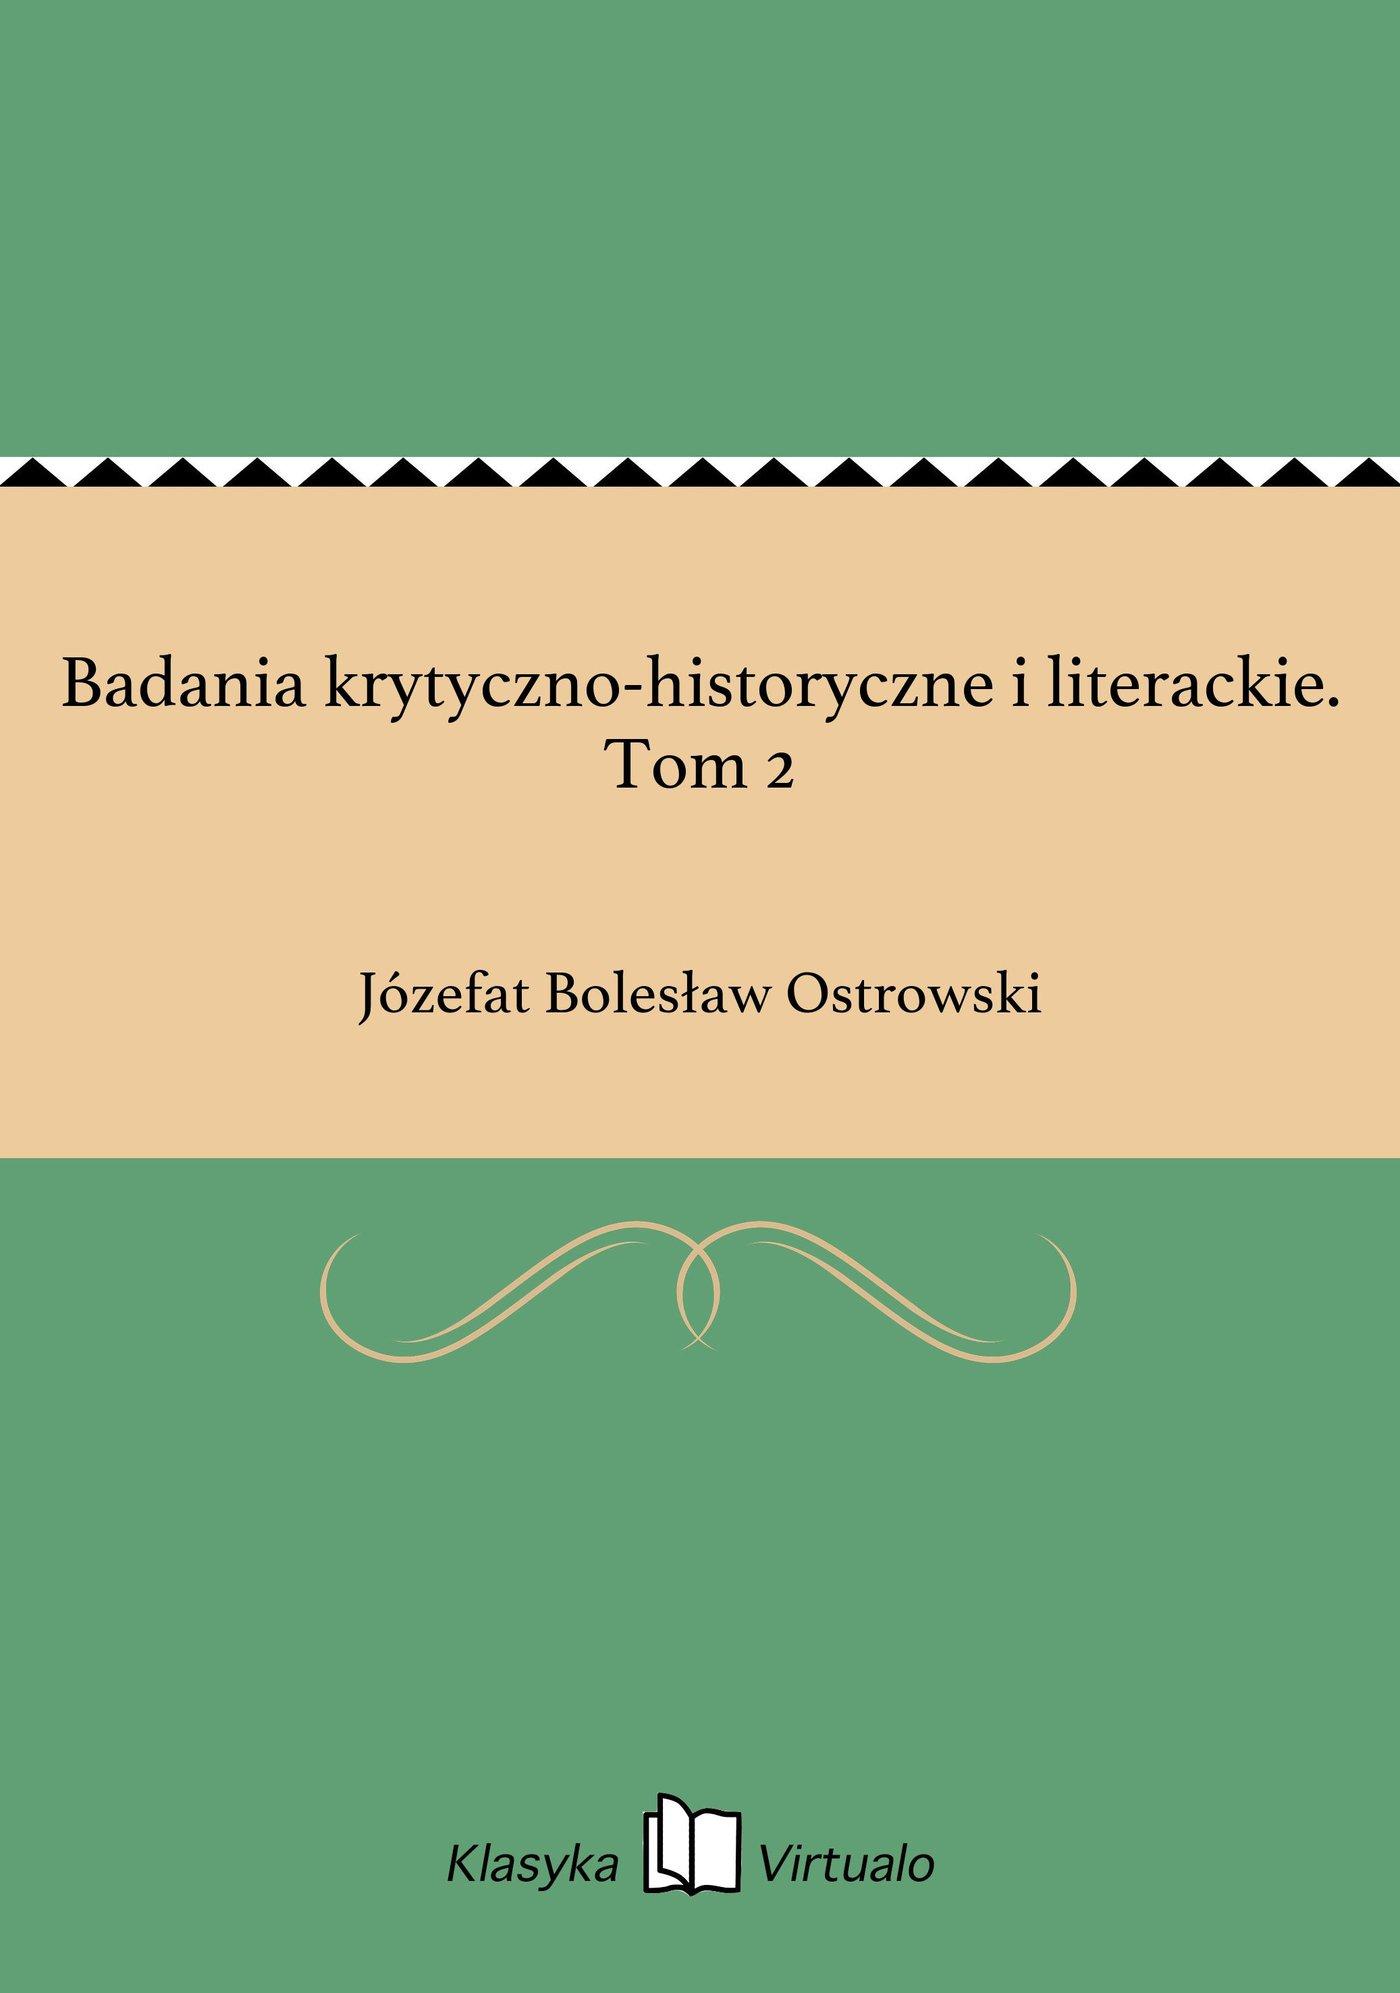 Badania krytyczno-historyczne i literackie. Tom 2 - Ebook (Książka EPUB) do pobrania w formacie EPUB